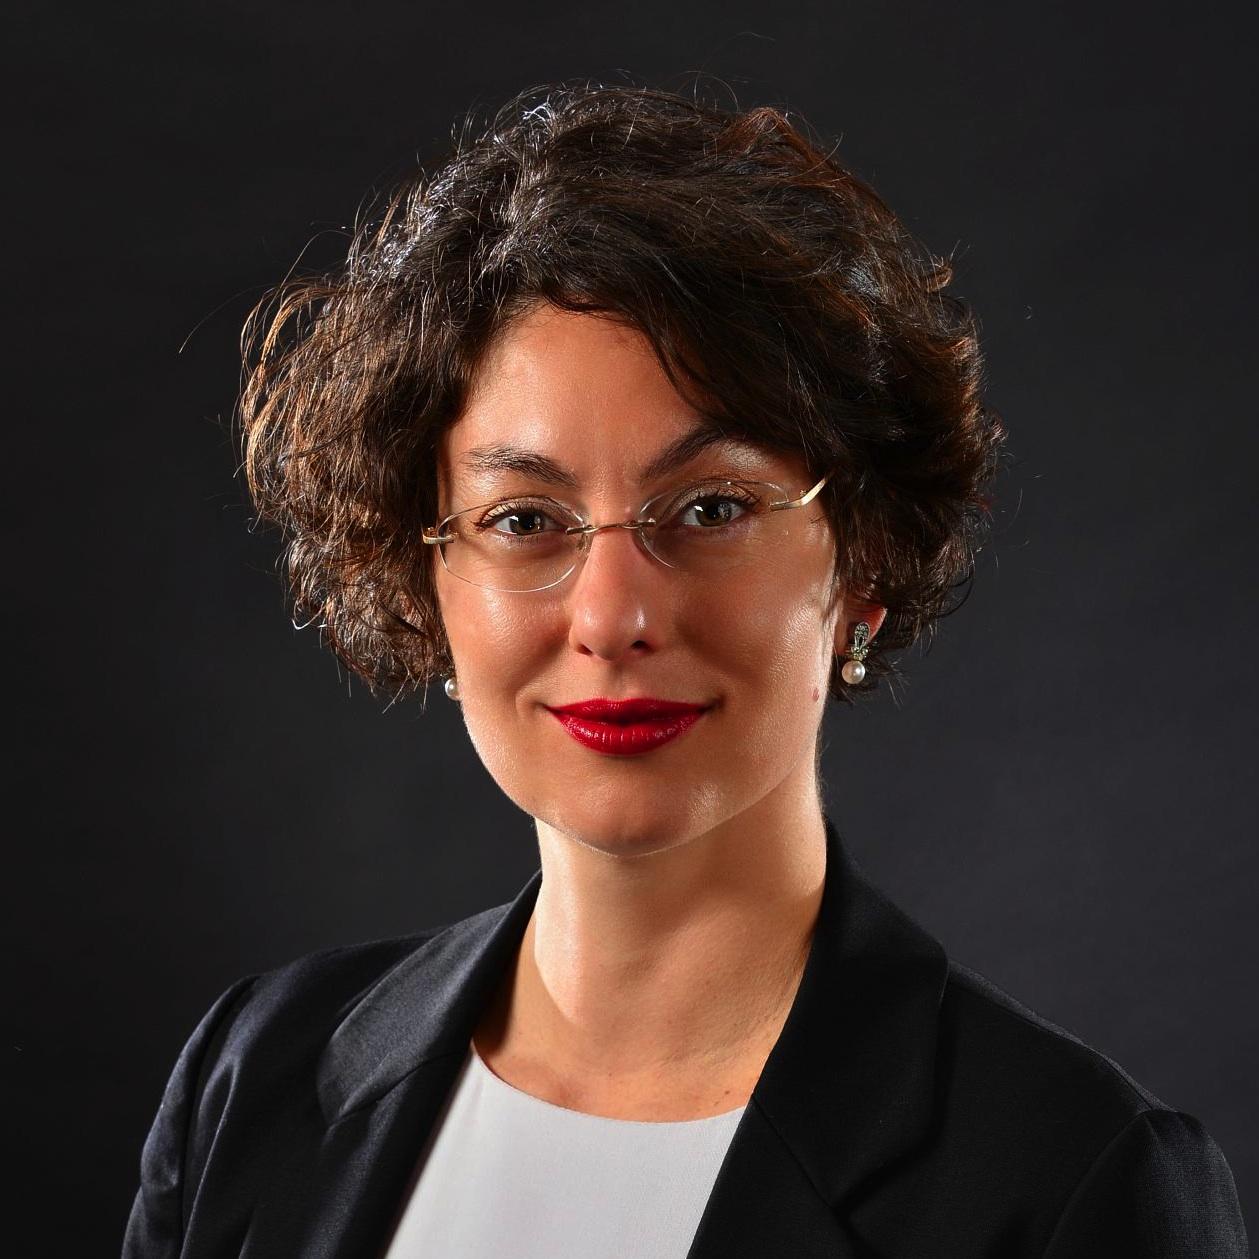 Dr. Krisztina Berger